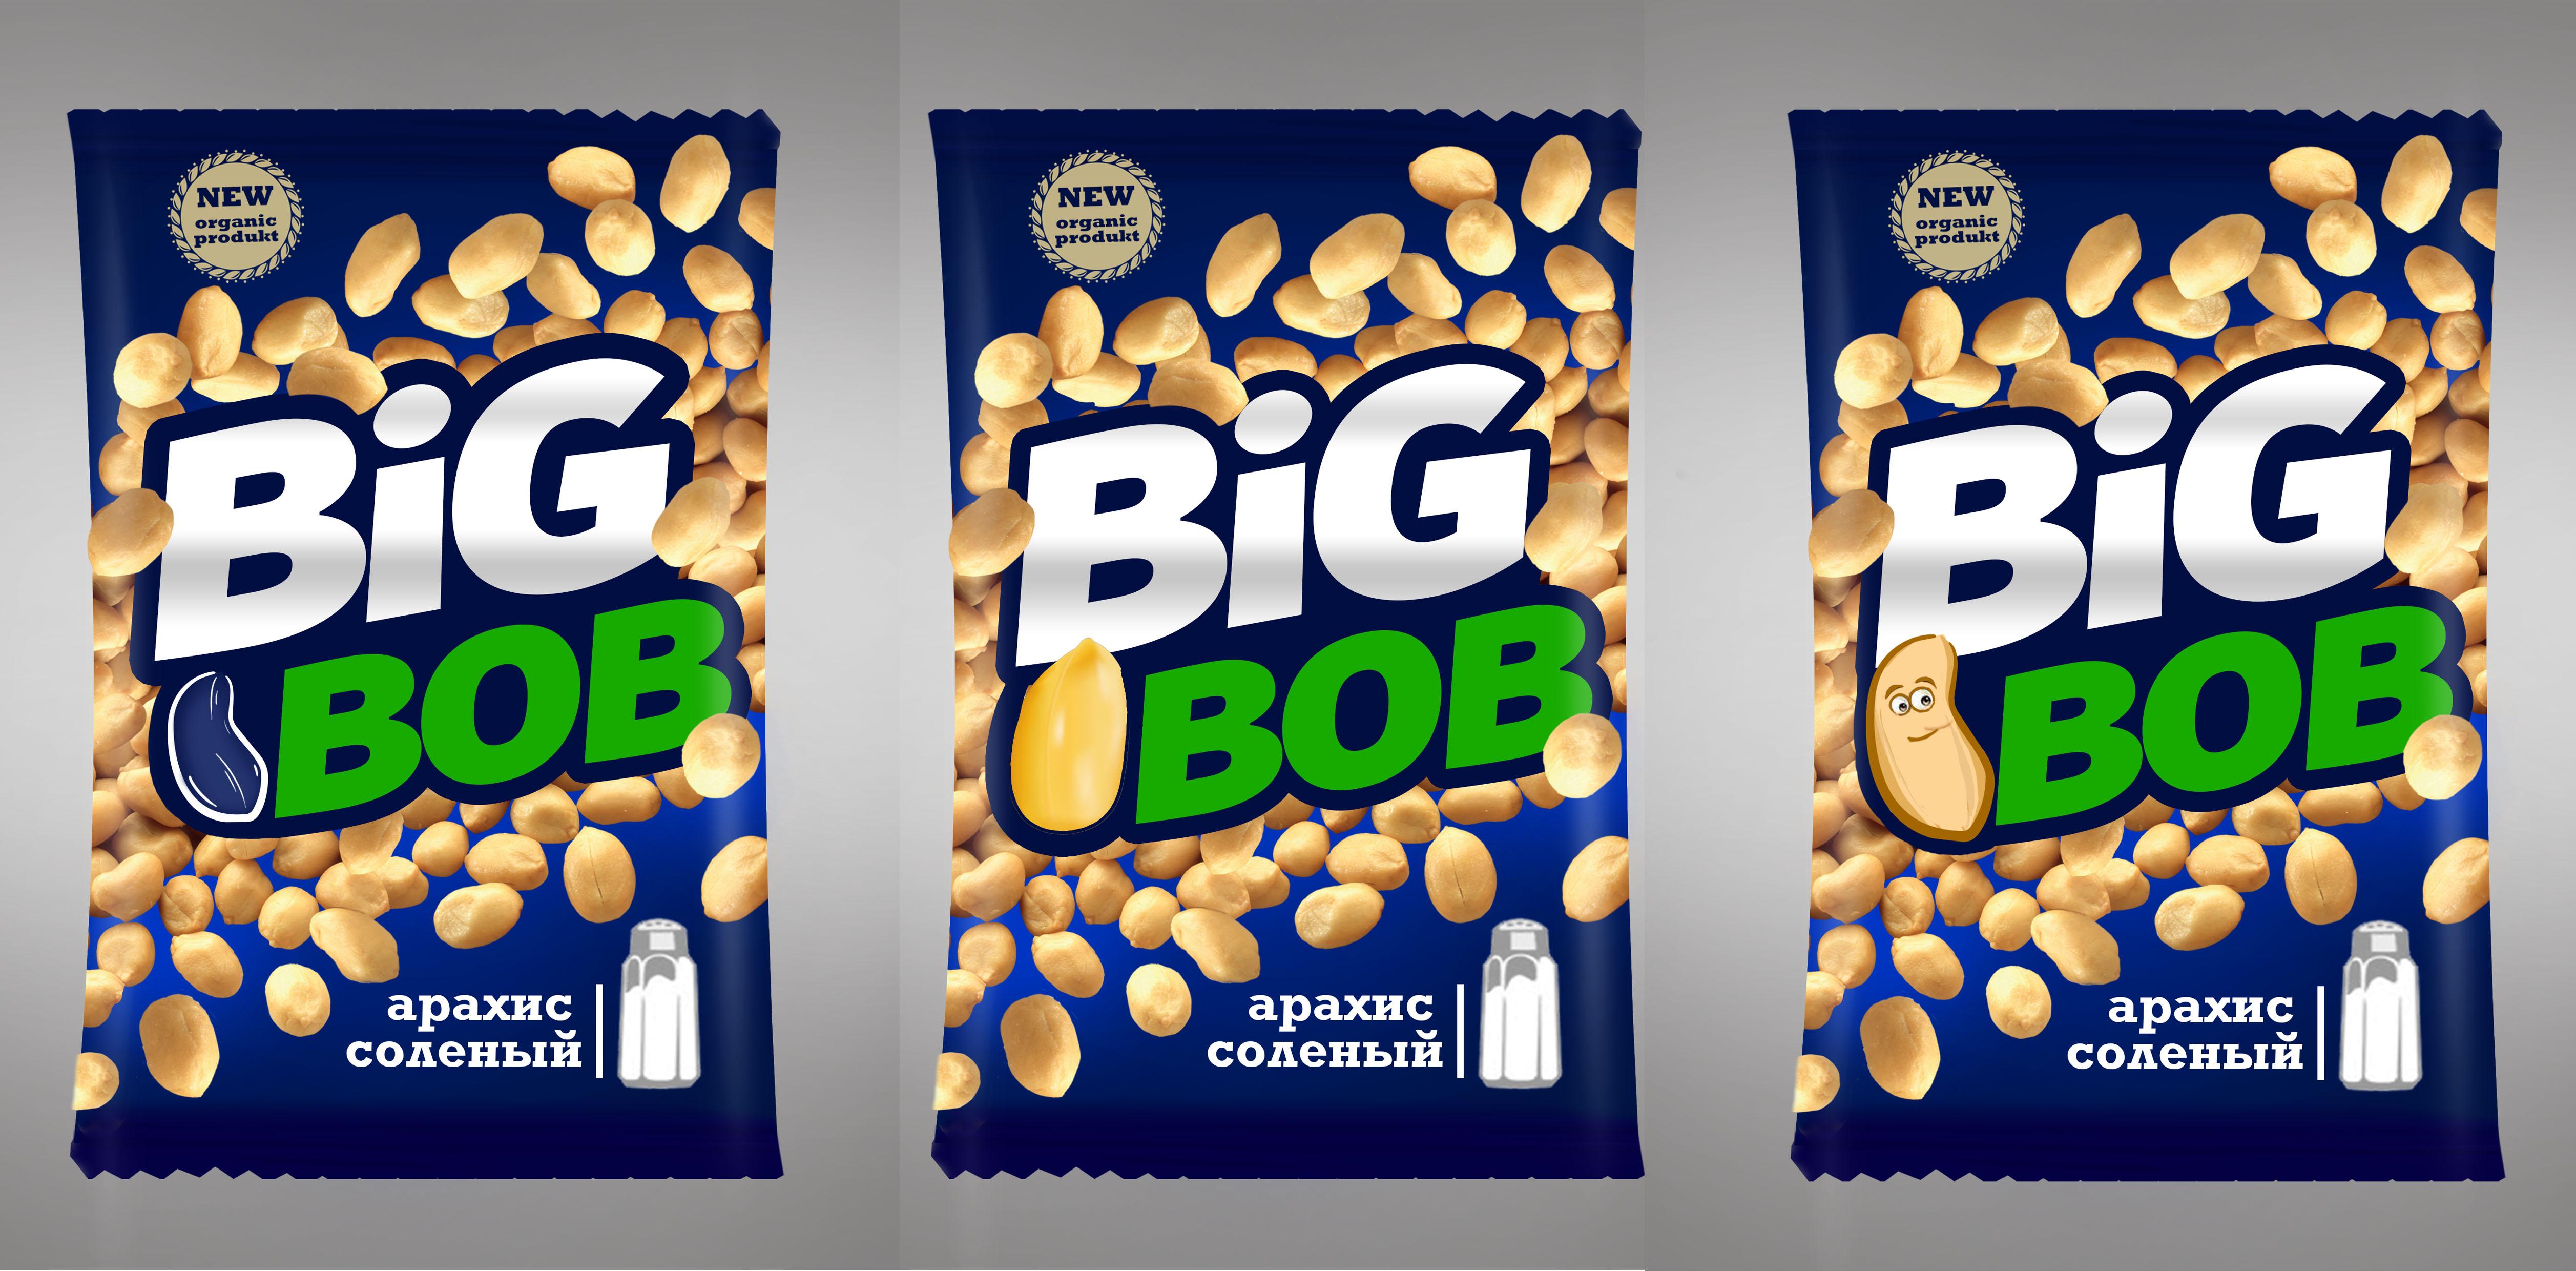 BigBob concepts